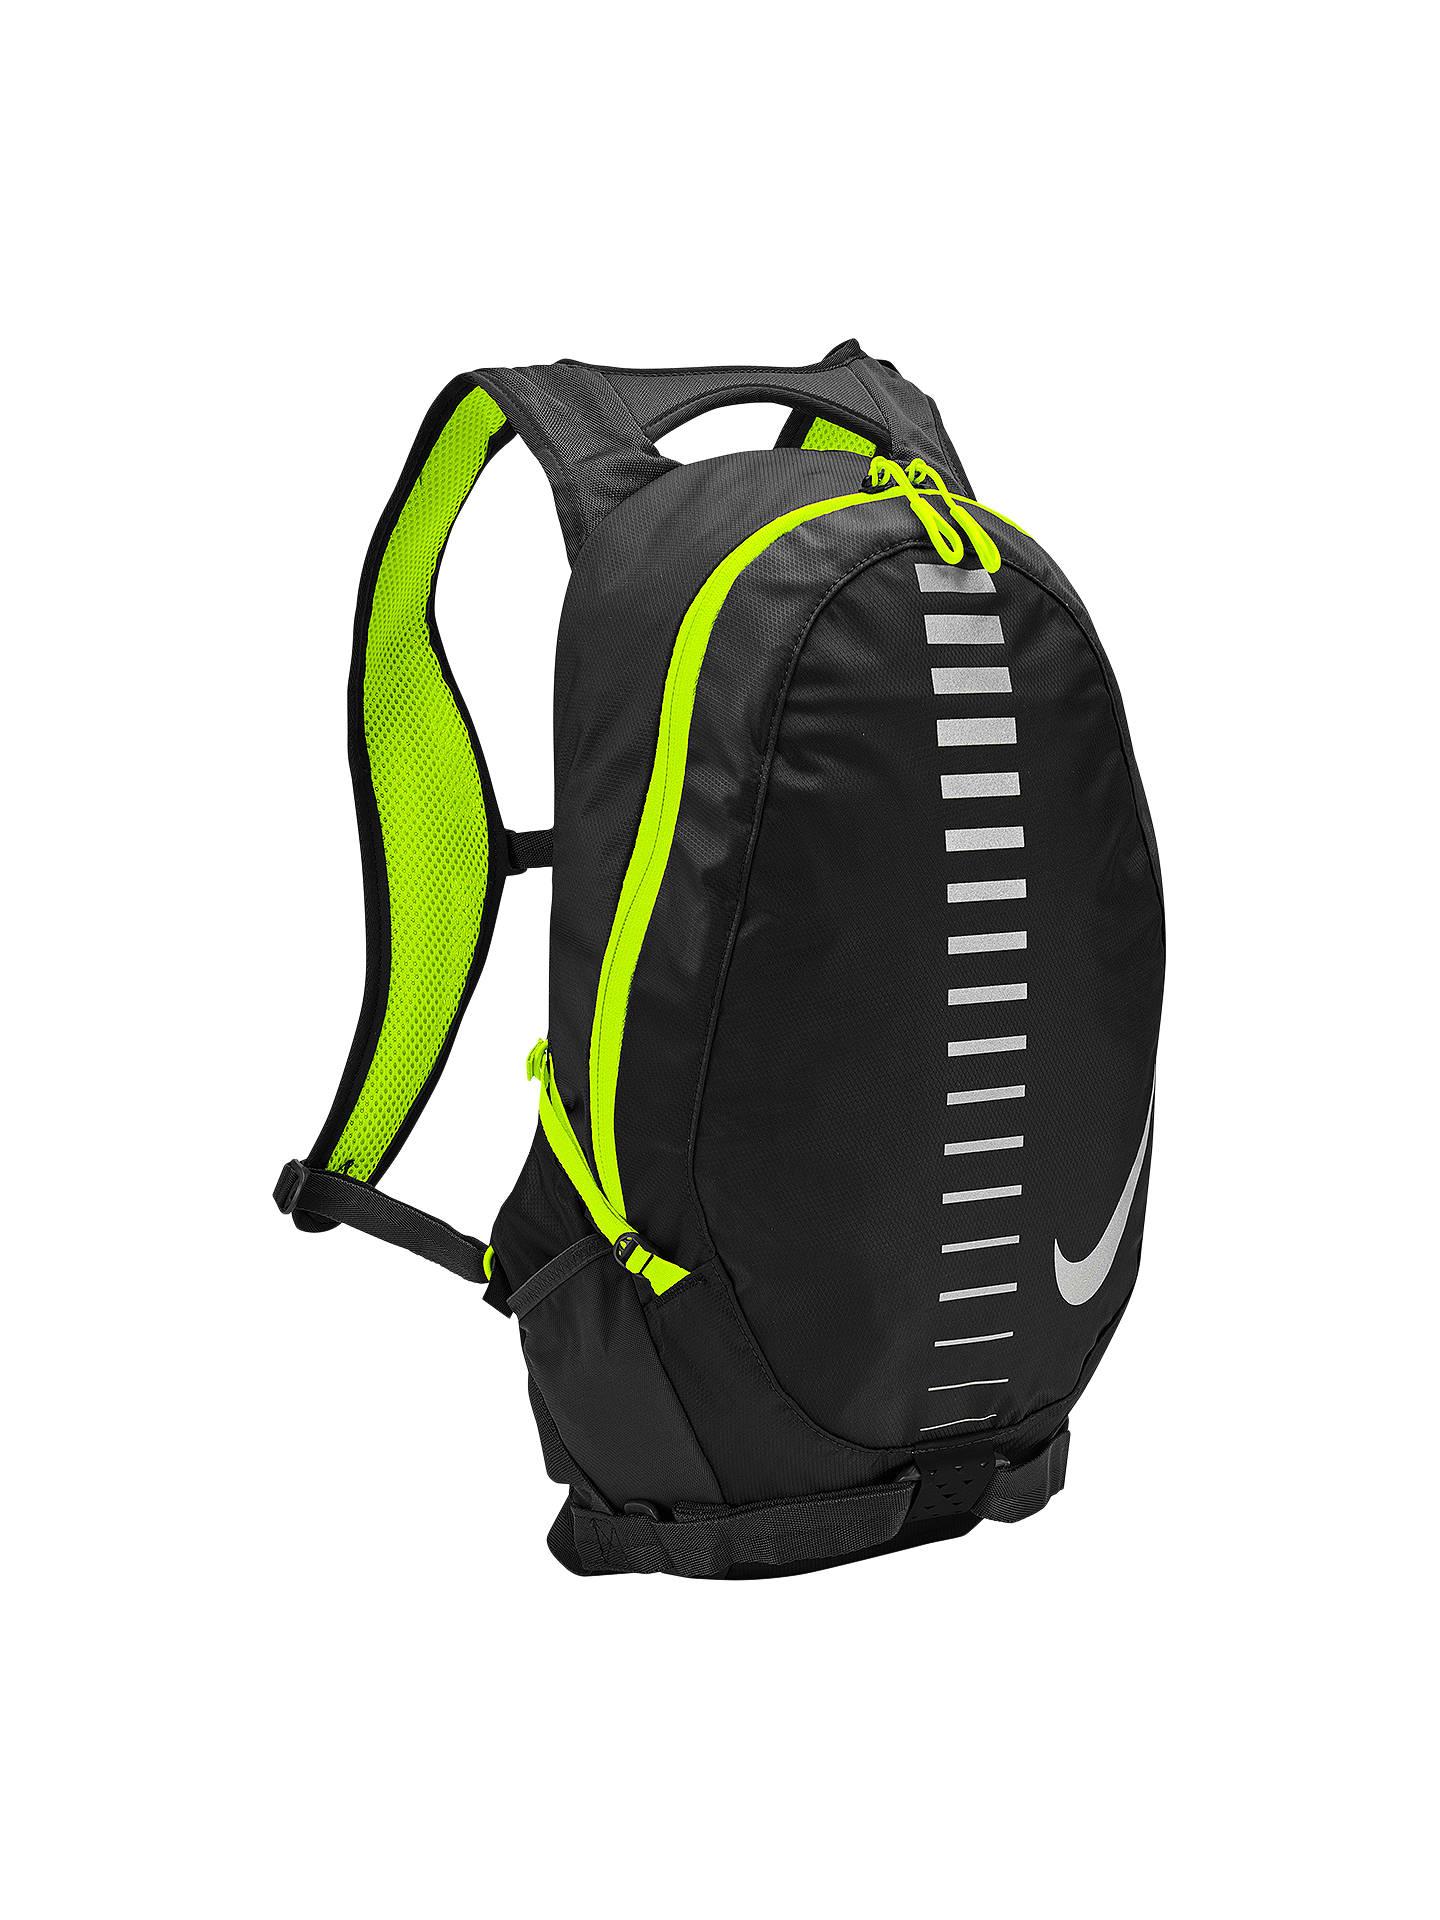 651225d62c5 Buy Nike Run Commuter Backpack, Black/Volt/Silver Online at johnlewis.com  ...